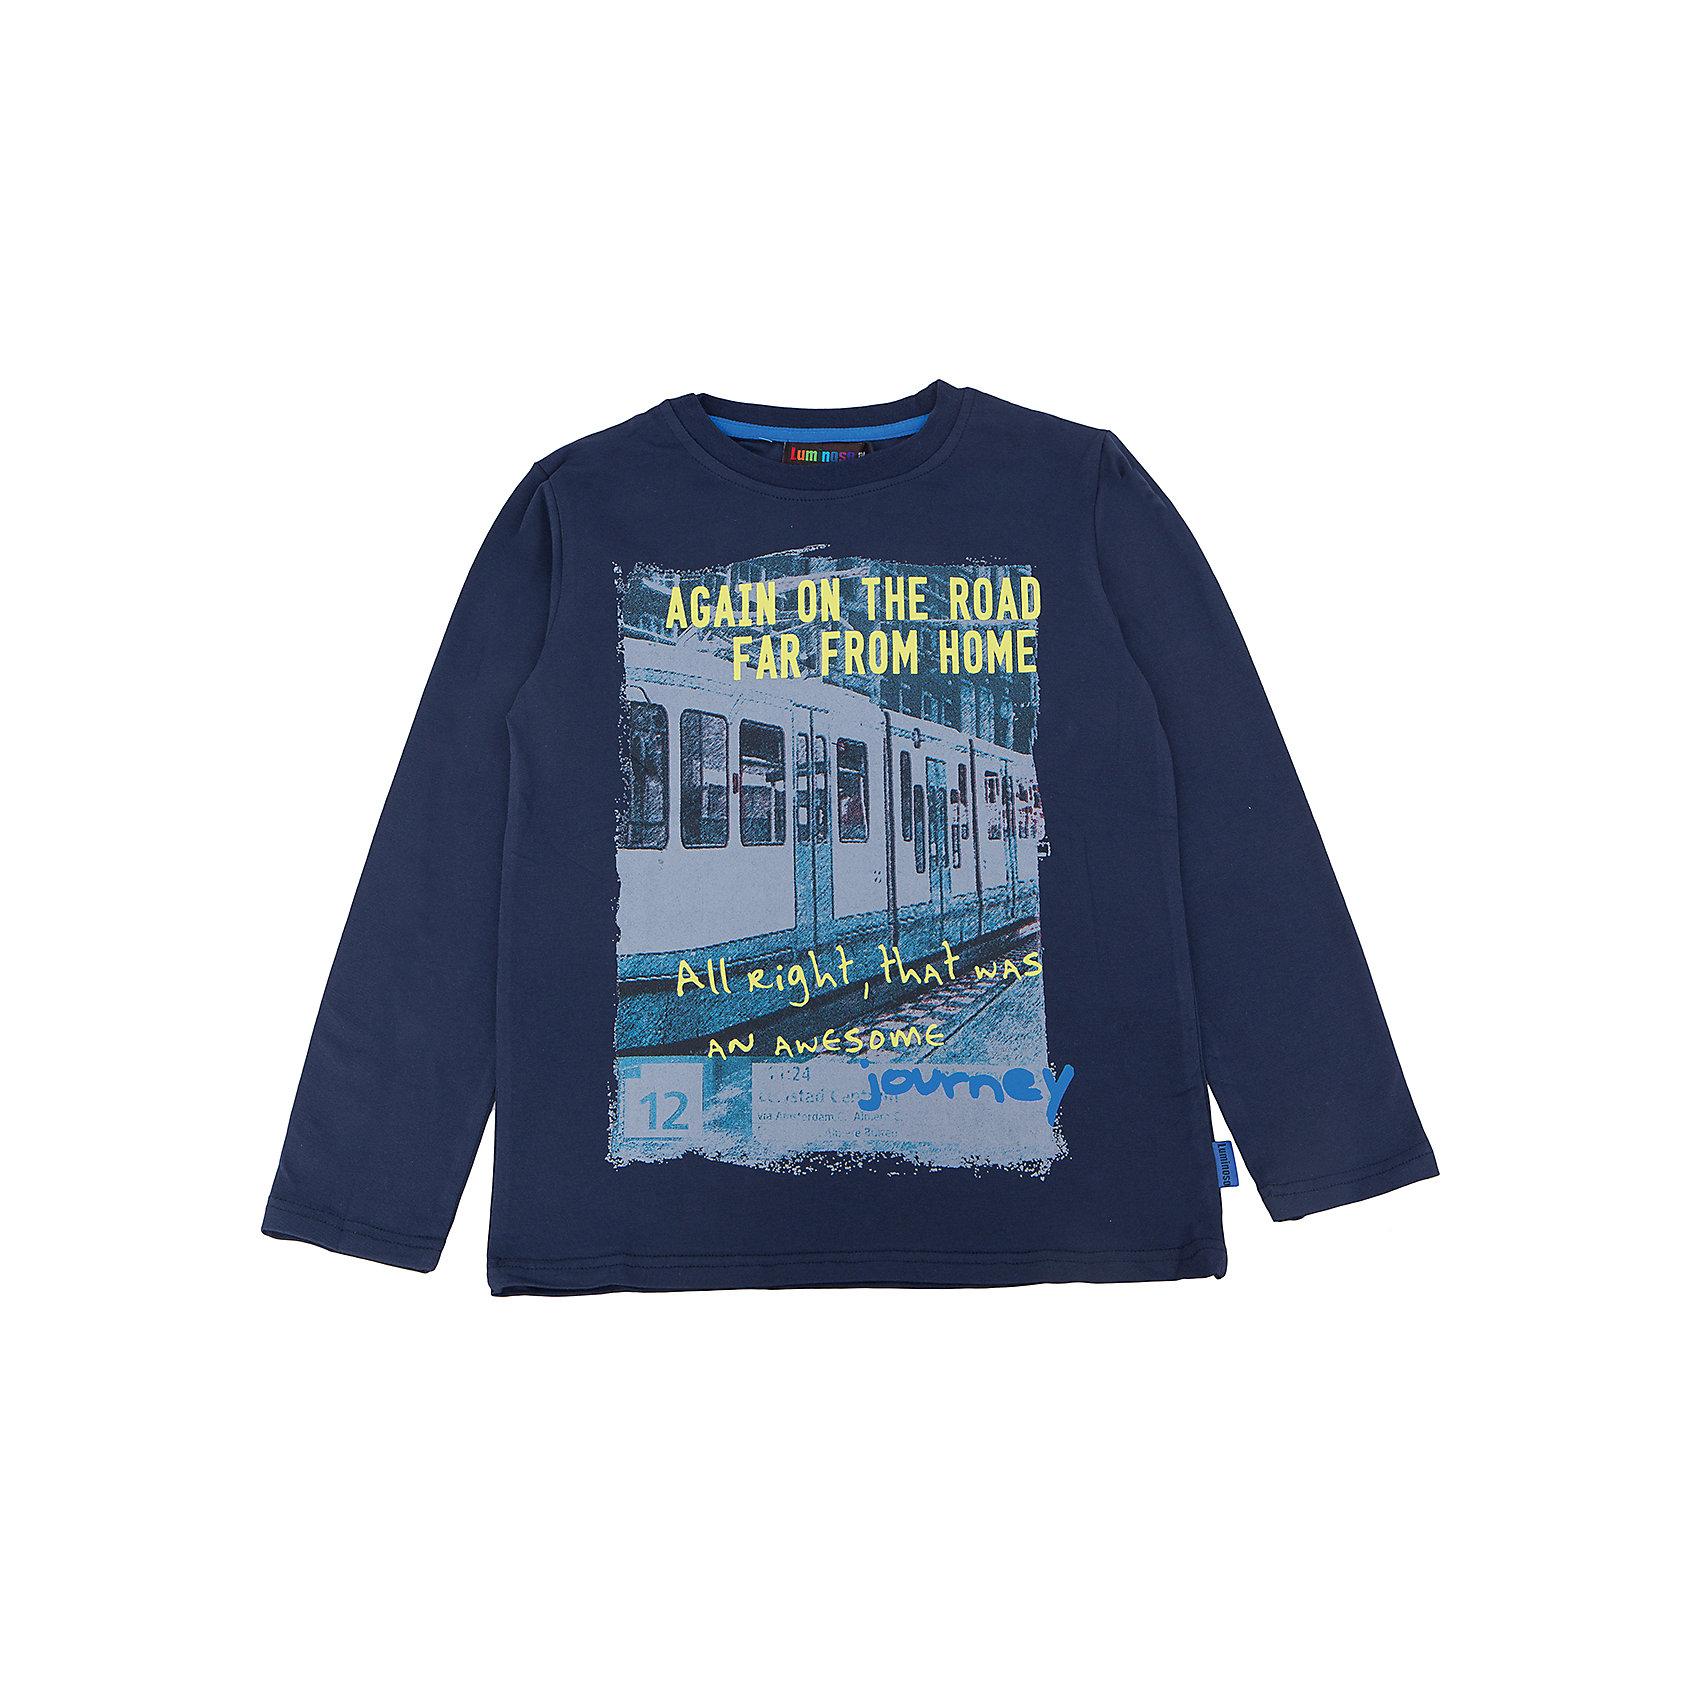 Футболка с длинным рукавом для мальчика LuminosoФутболки с длинным рукавом<br>Характеристики товара:<br><br>- цвет: синий;<br>- материал: 95% хлопок, 5% эластан;<br>- декорирована принтом;<br>- длинный рукав;<br>- округлый горловой вырез.<br><br>Стильная одежда от бренда Luminoso (Люминосо), созданная при участии итальянских дизайнеров, учитывает потребности подростков и последние веяния моды. Она удобная и модная.<br>Эта футболка с длинным рукавом выглядит стильно и нарядно, но при этом подходит для ежедневного ношения. Он хорошо сидит на ребенке, обеспечивает комфорт и отлично сочетается с одежной разных стилей. Модель отличается высоким качеством материала и продуманным дизайном. Натуральный хлопок в составе изделия делает его дышащим, приятным на ощупь и гипоаллергеным.<br><br>Футболку с длинным рукавом для мальчика от бренда Luminoso (Люминосо) можно купить в нашем интернет-магазине.<br><br>Ширина мм: 230<br>Глубина мм: 40<br>Высота мм: 220<br>Вес г: 250<br>Цвет: синий<br>Возраст от месяцев: 156<br>Возраст до месяцев: 168<br>Пол: Мужской<br>Возраст: Детский<br>Размер: 164,140,158,134,152,146<br>SKU: 4930886